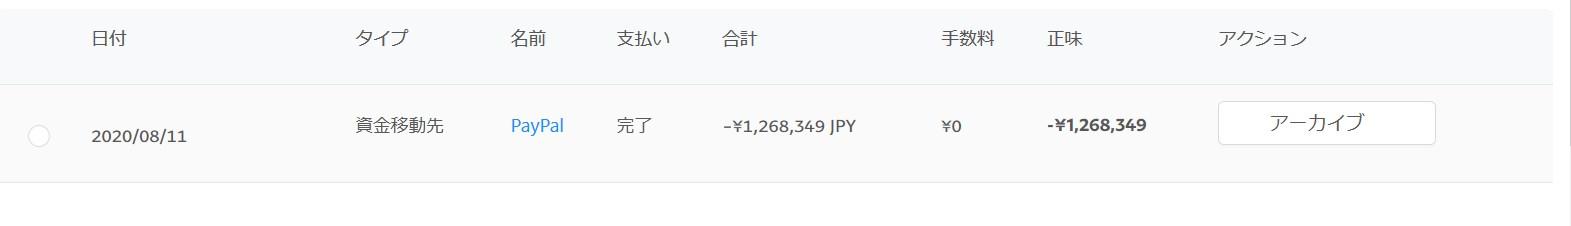 2020 08 28 19h26 28 このPayPalアカウントは制限されています。 ペイパルサスペンド。約130万の売上金出金できず、180日後にも返ってこない。サスペンドになったらすぐにすべきことを無料公開(重要) eBayも使えなくなった話